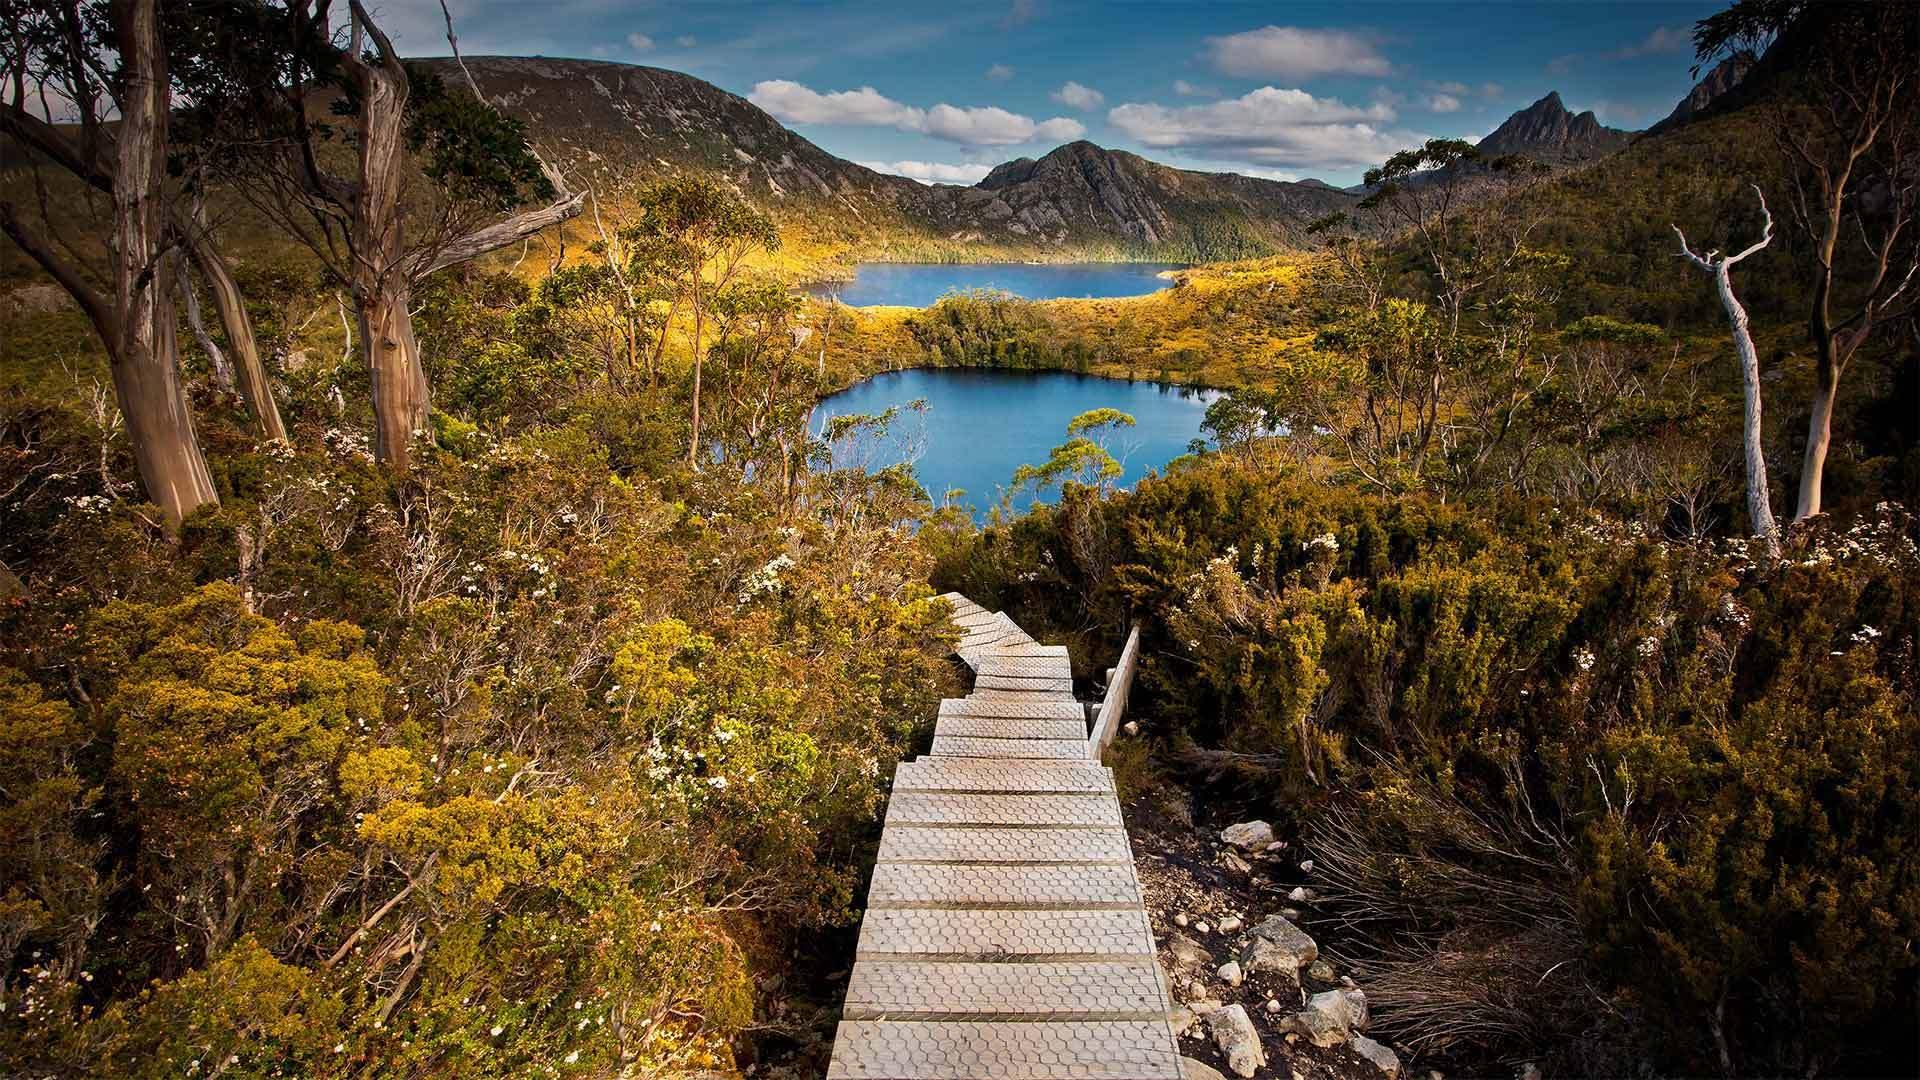 摇篮山-圣克莱尔湖国家公园摇篮山-圣克莱尔湖国家公园